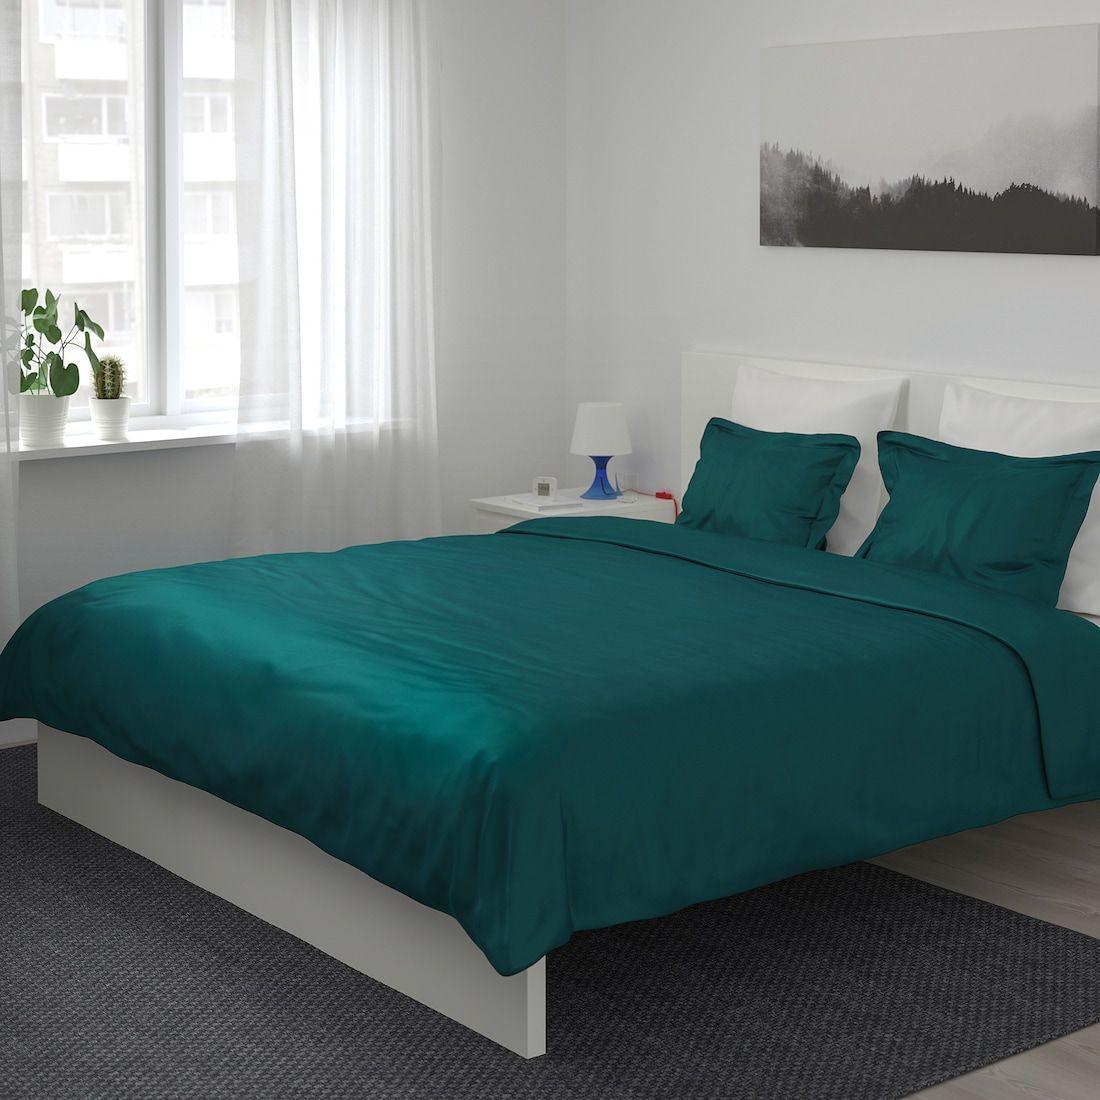 Luktjasmin Duvet Cover And Pillowcase S Dark Green Full Queen Double Queen Ikea In 2020 Green Duvet Covers Green Bedding Green Duvet